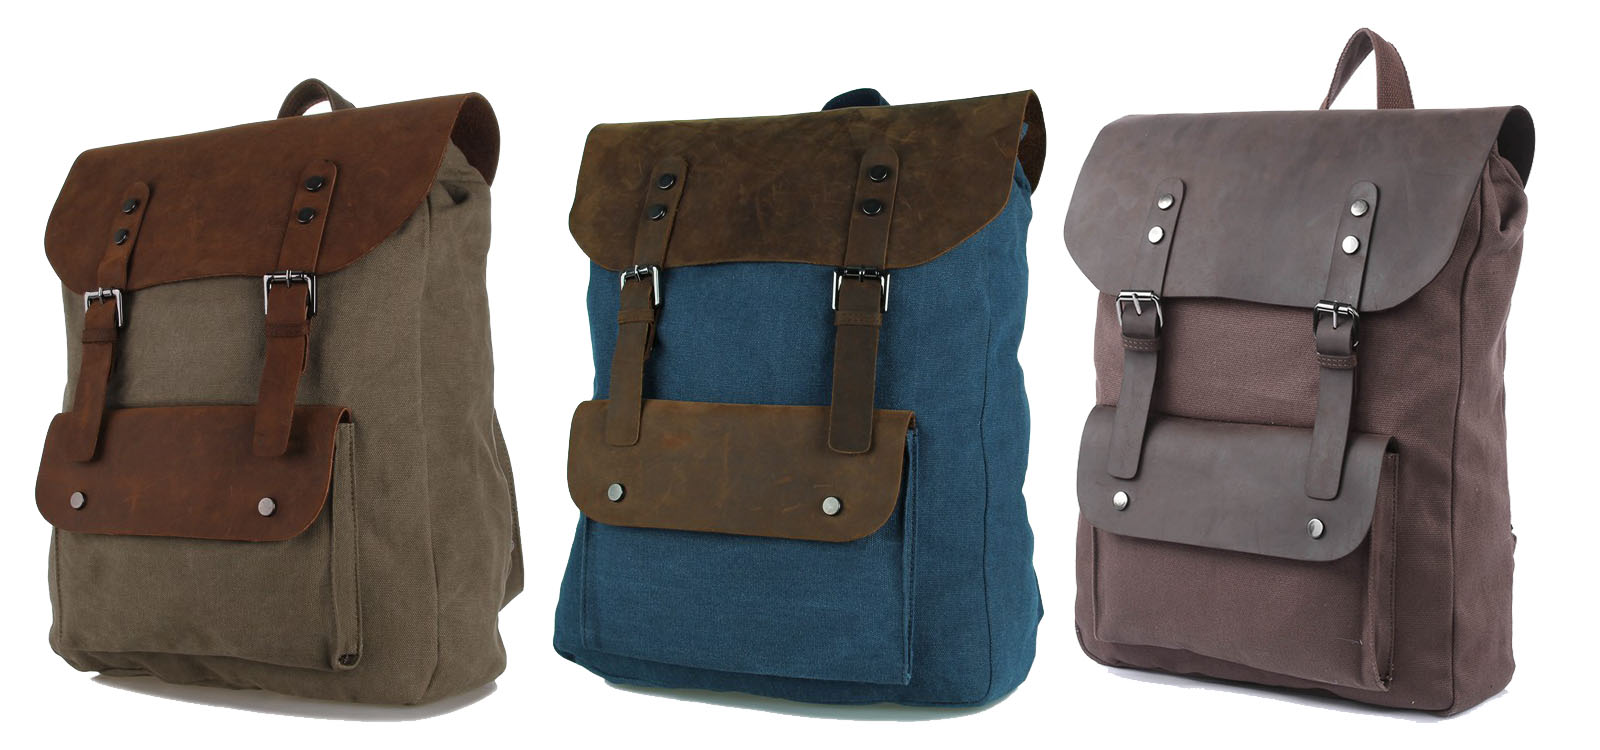 Comprar mochilas baratas en AliExpress